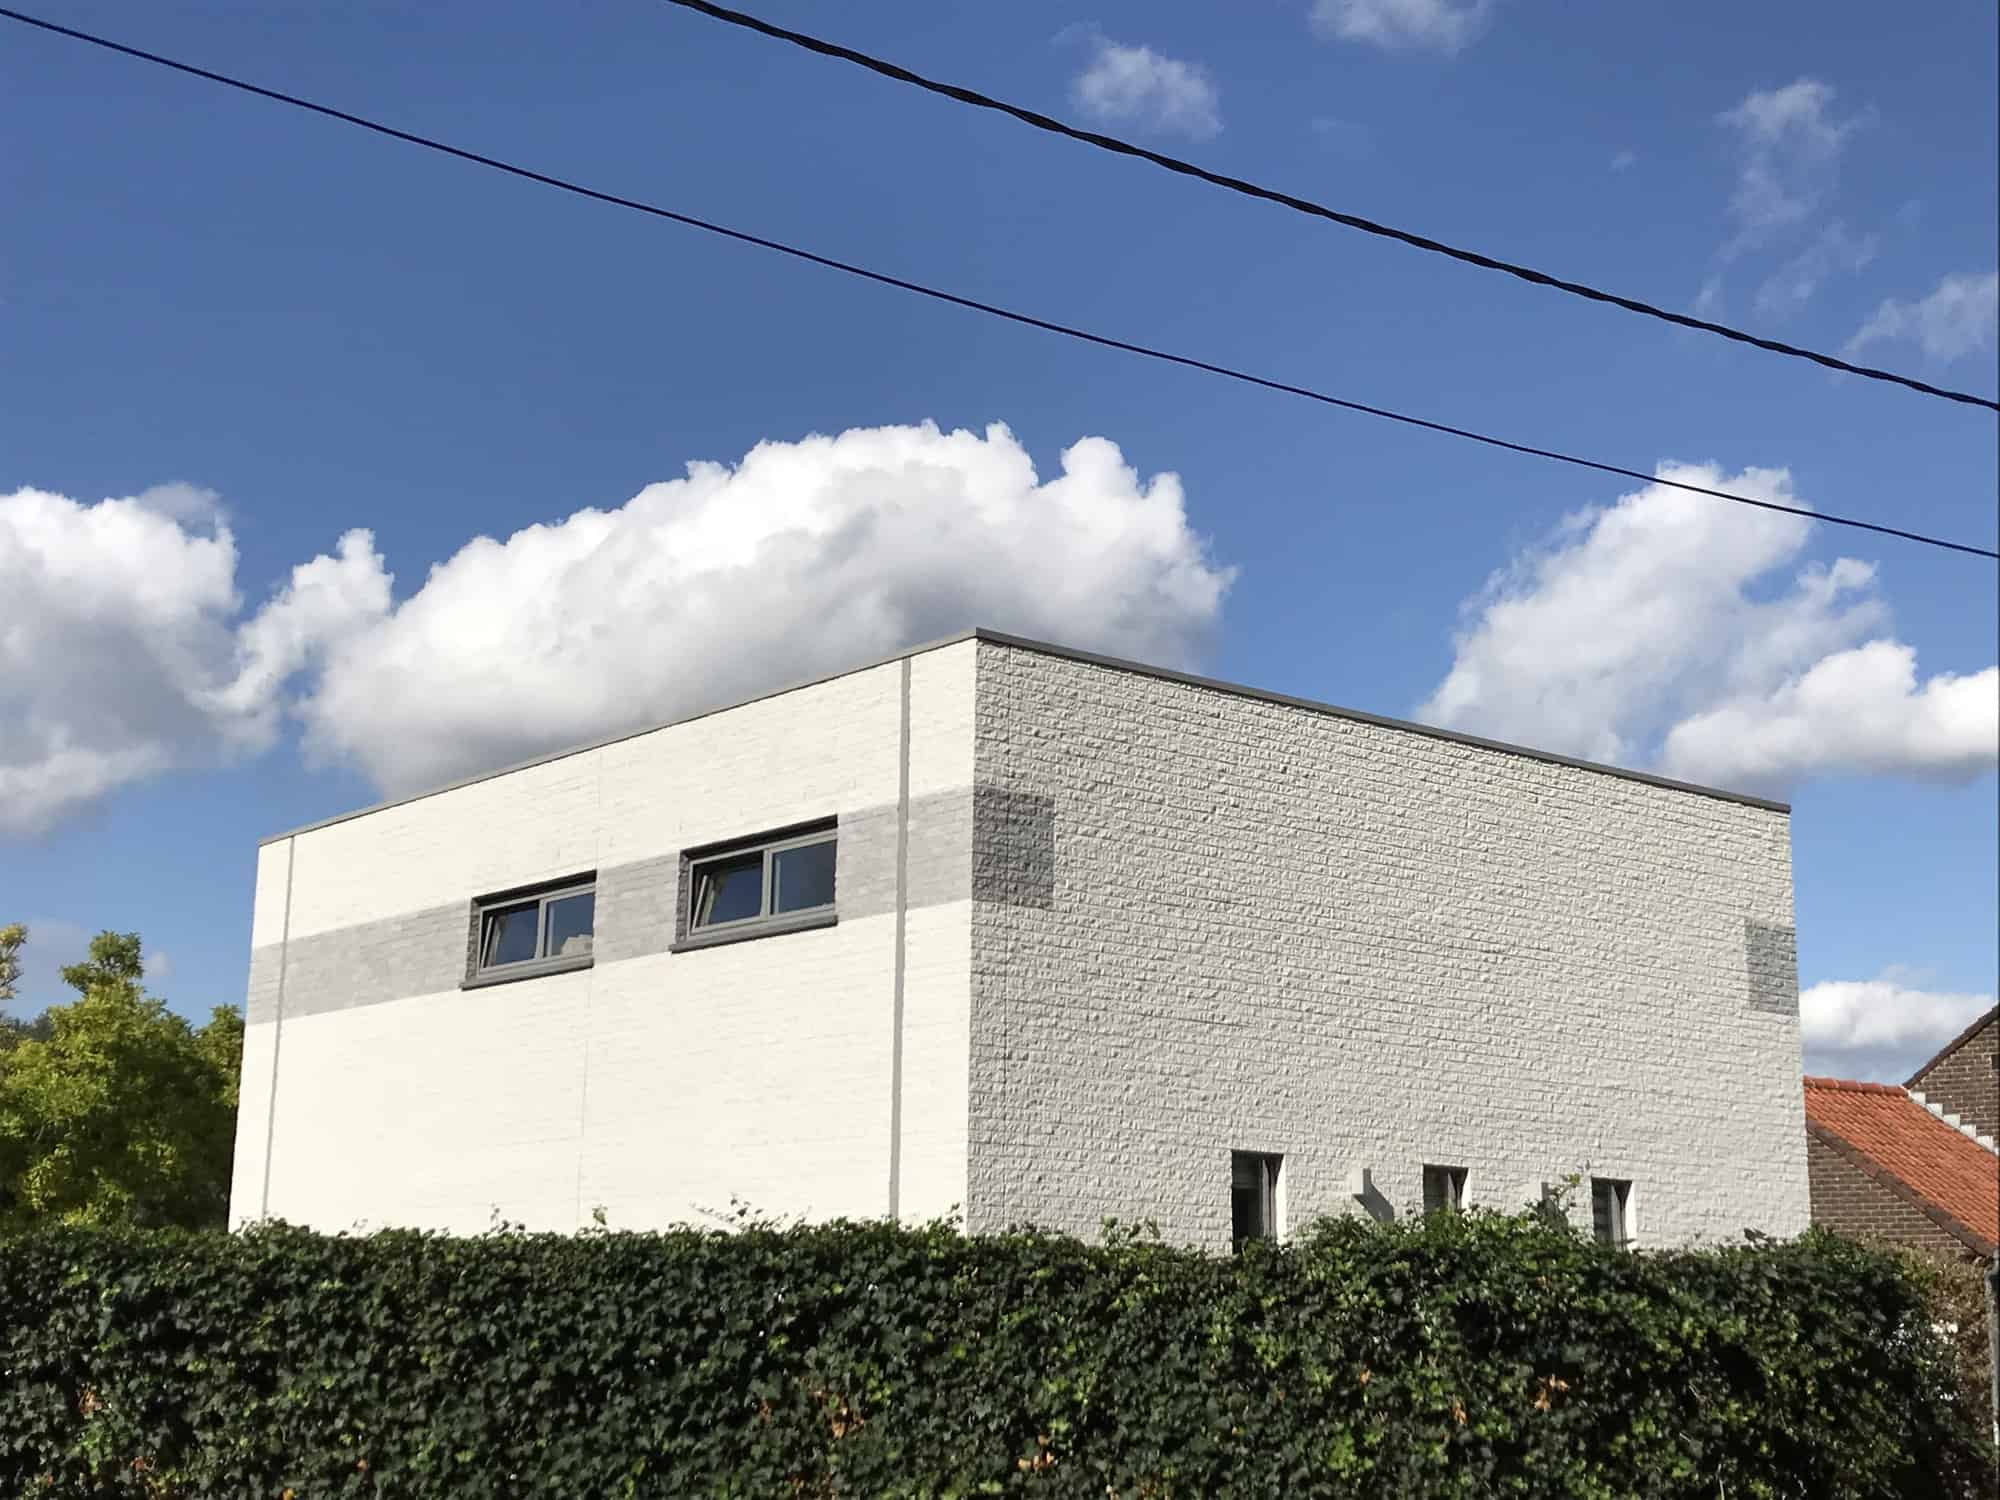 Detail afbeelding 2 van M & L   –   Strakke eenvoudige Gezinswoning – Zutendaal | Ontwerp door architect Patrick Strackx